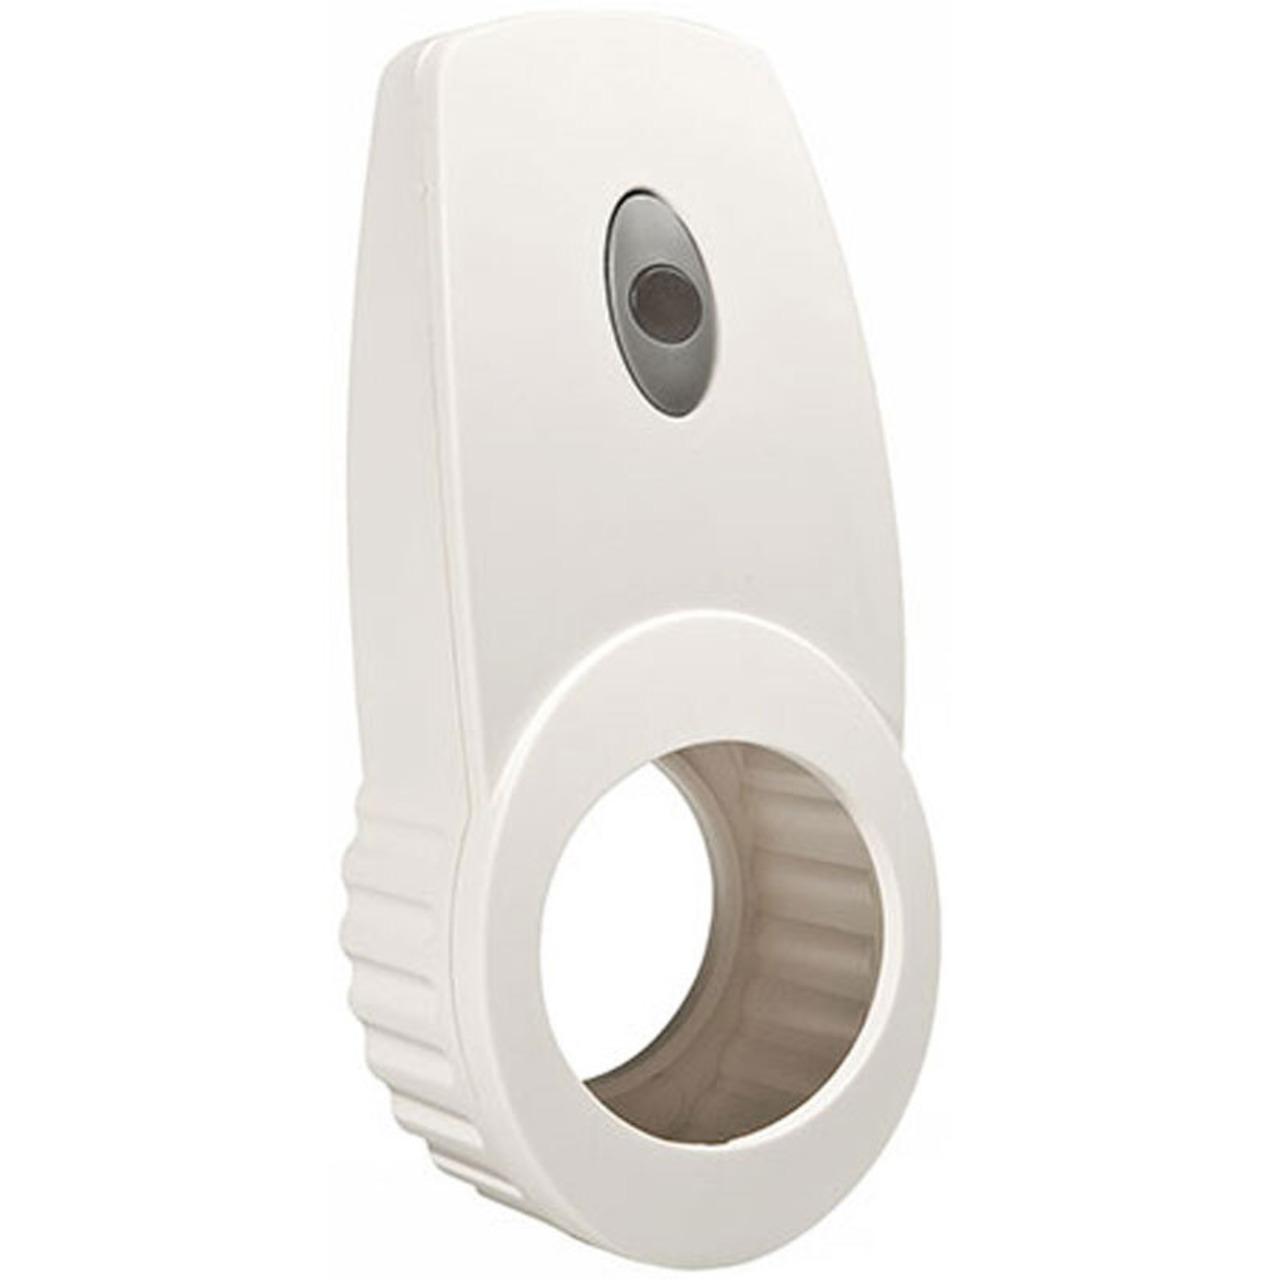 ELV-Design-Stecker-Steckdosen-Gehäuse OM 54 C mit Tasterstössel und LED-Leuchtfeld